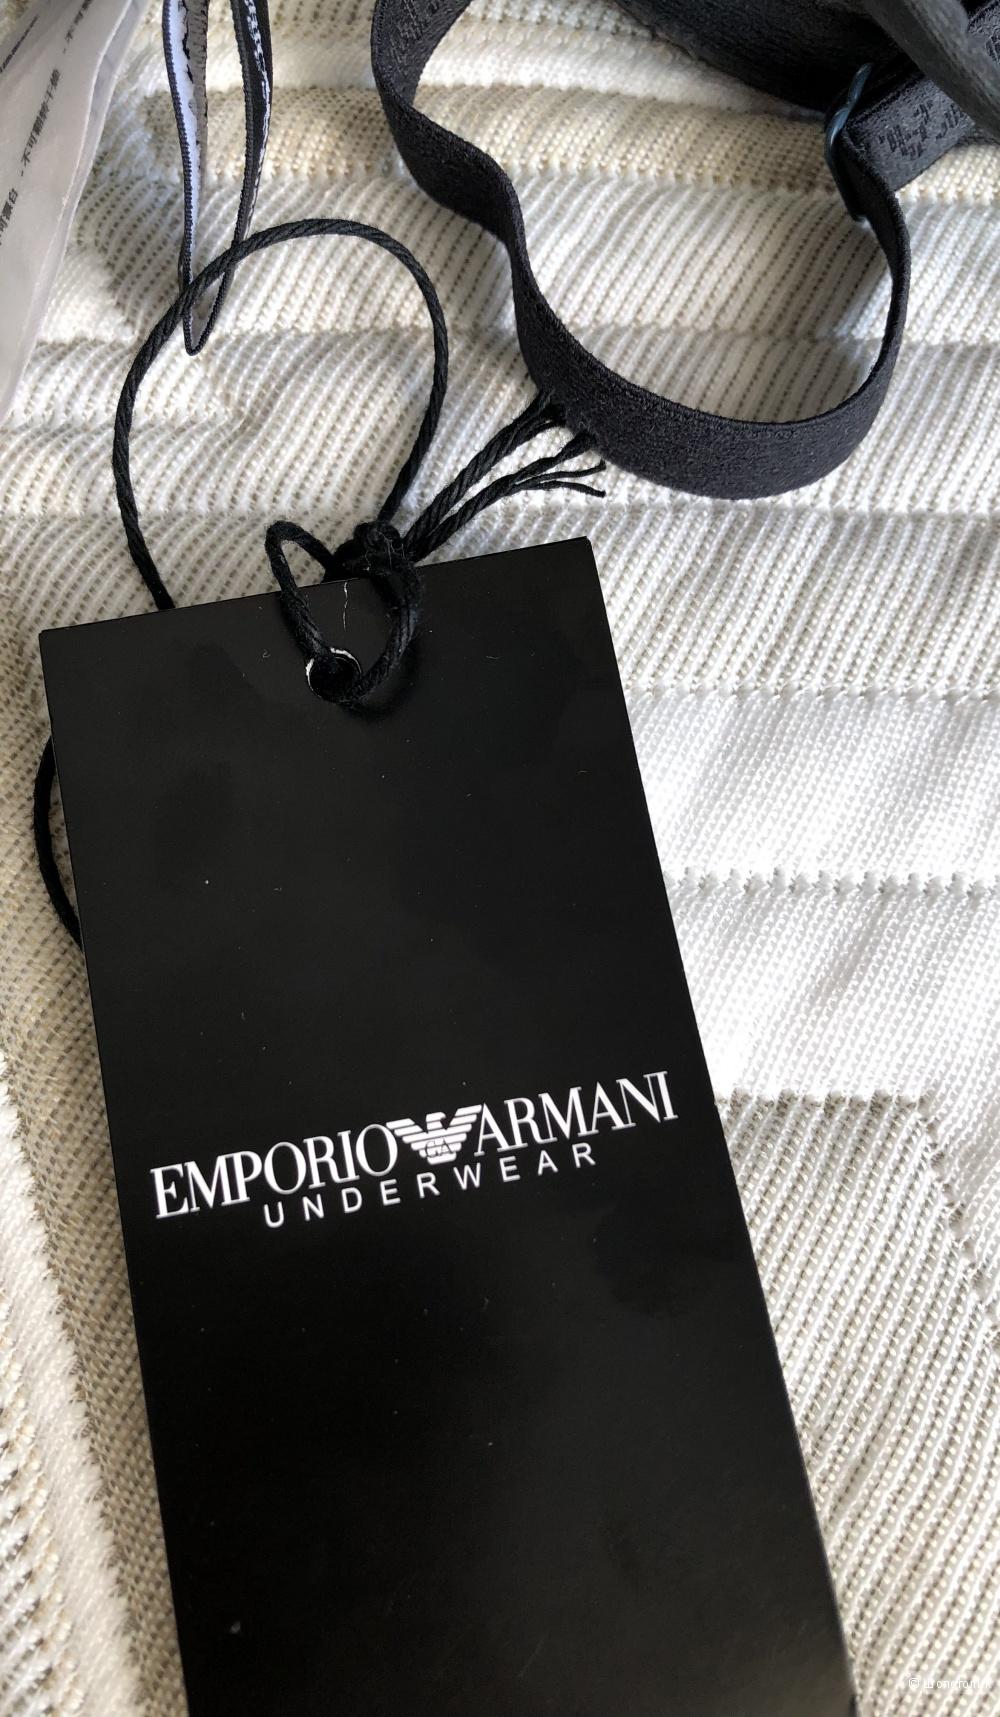 Бюстгальтер от Emporio Armani.Размер 75В.